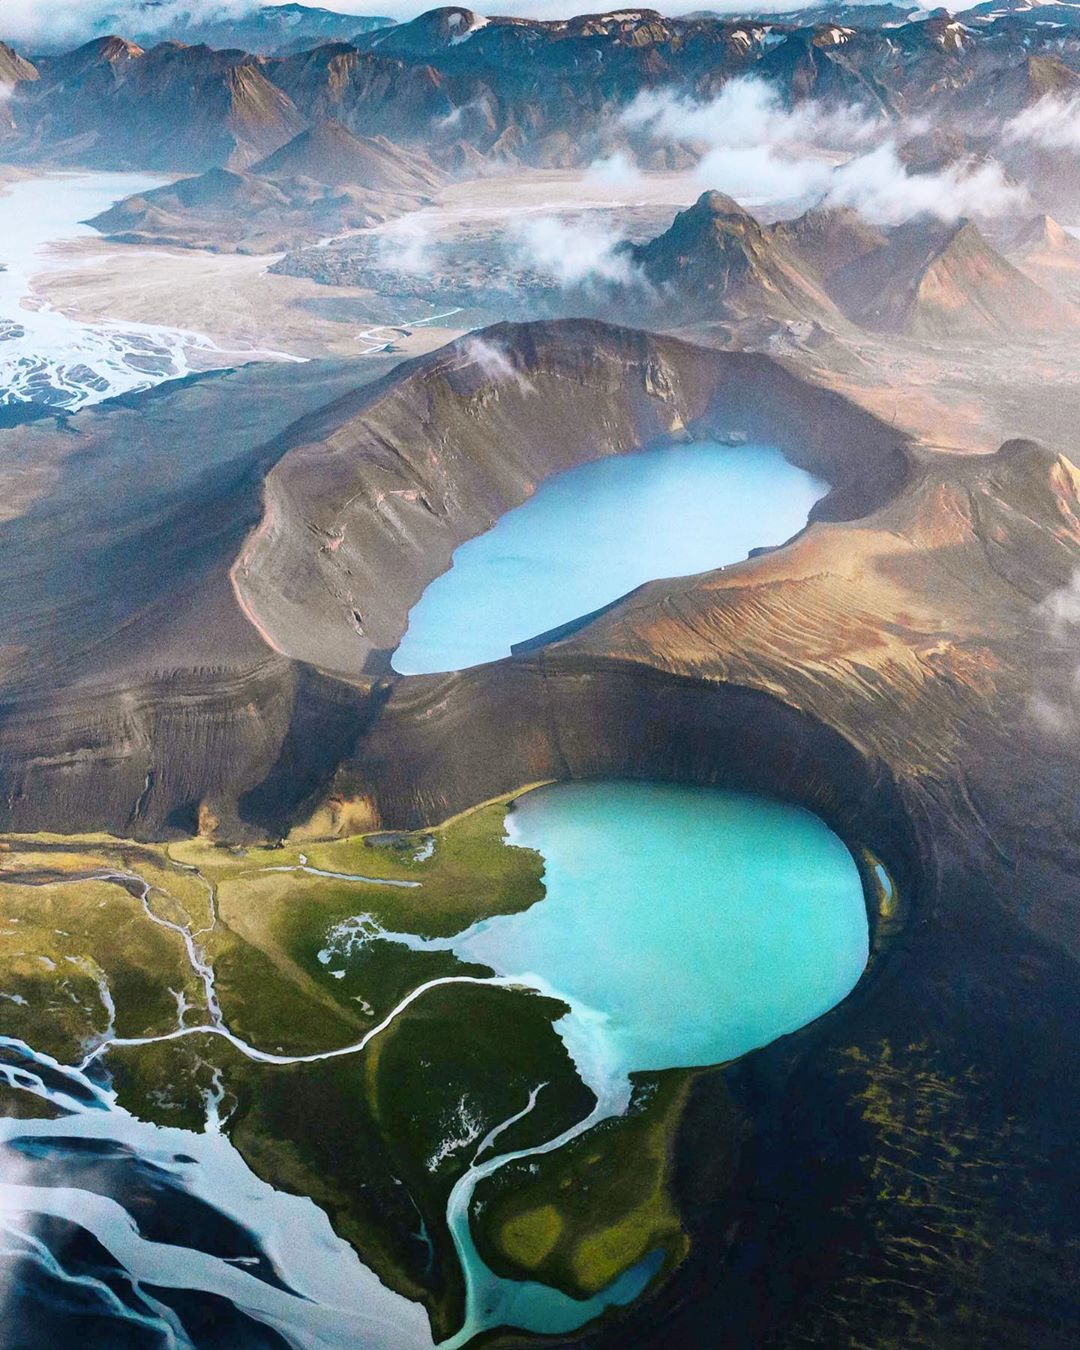 fotografia aerea de islandia